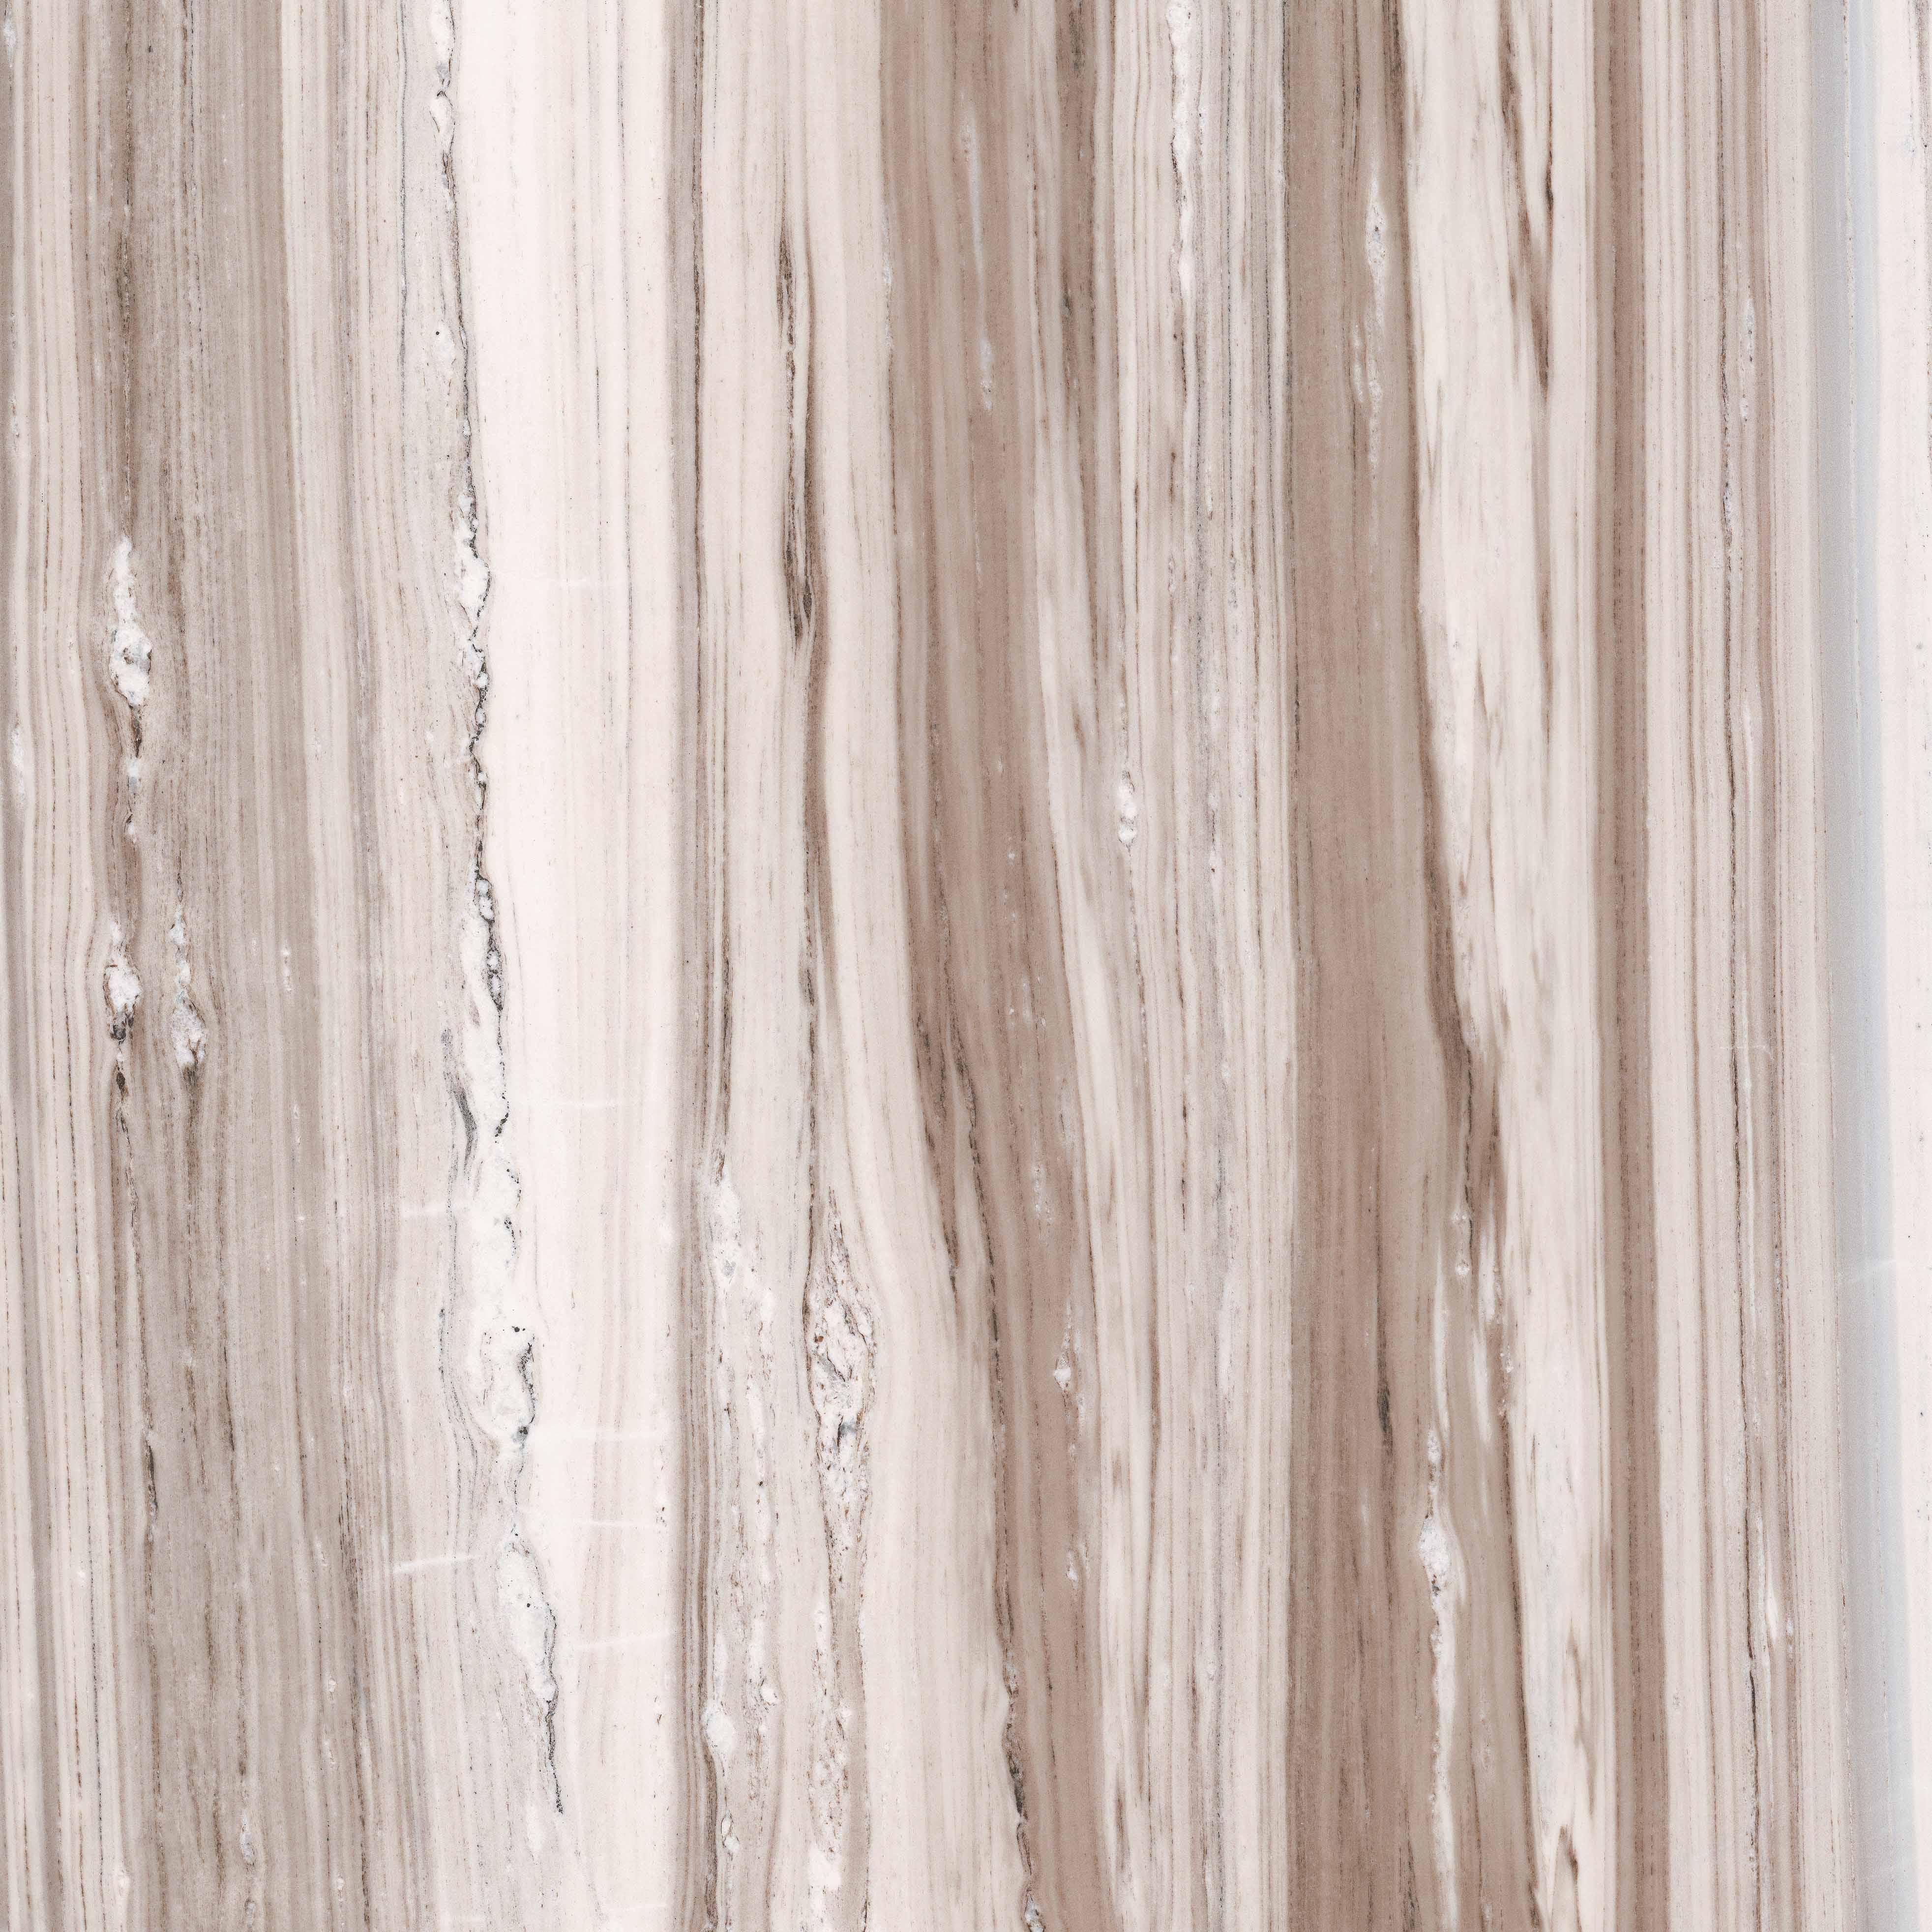 布拉哥金沙 HPEG90030,900X900mm;HPEG26030,600X1200mm